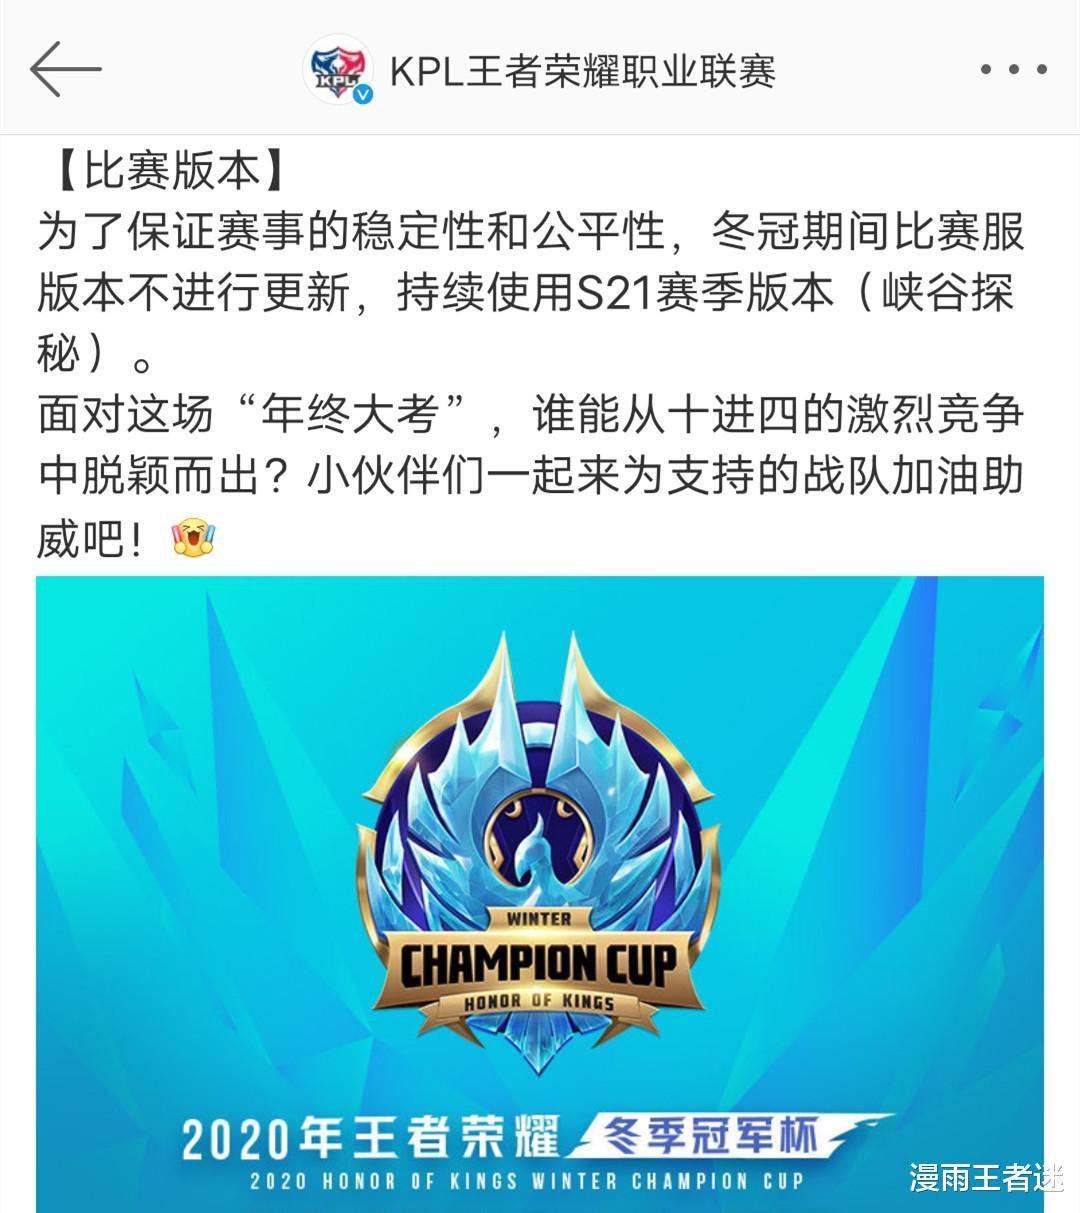 《【煜星娱乐登陆官方】能阻止DYG两连冠的,只有DYG的管理层?KPL官宣:冬冠沿用老版本》